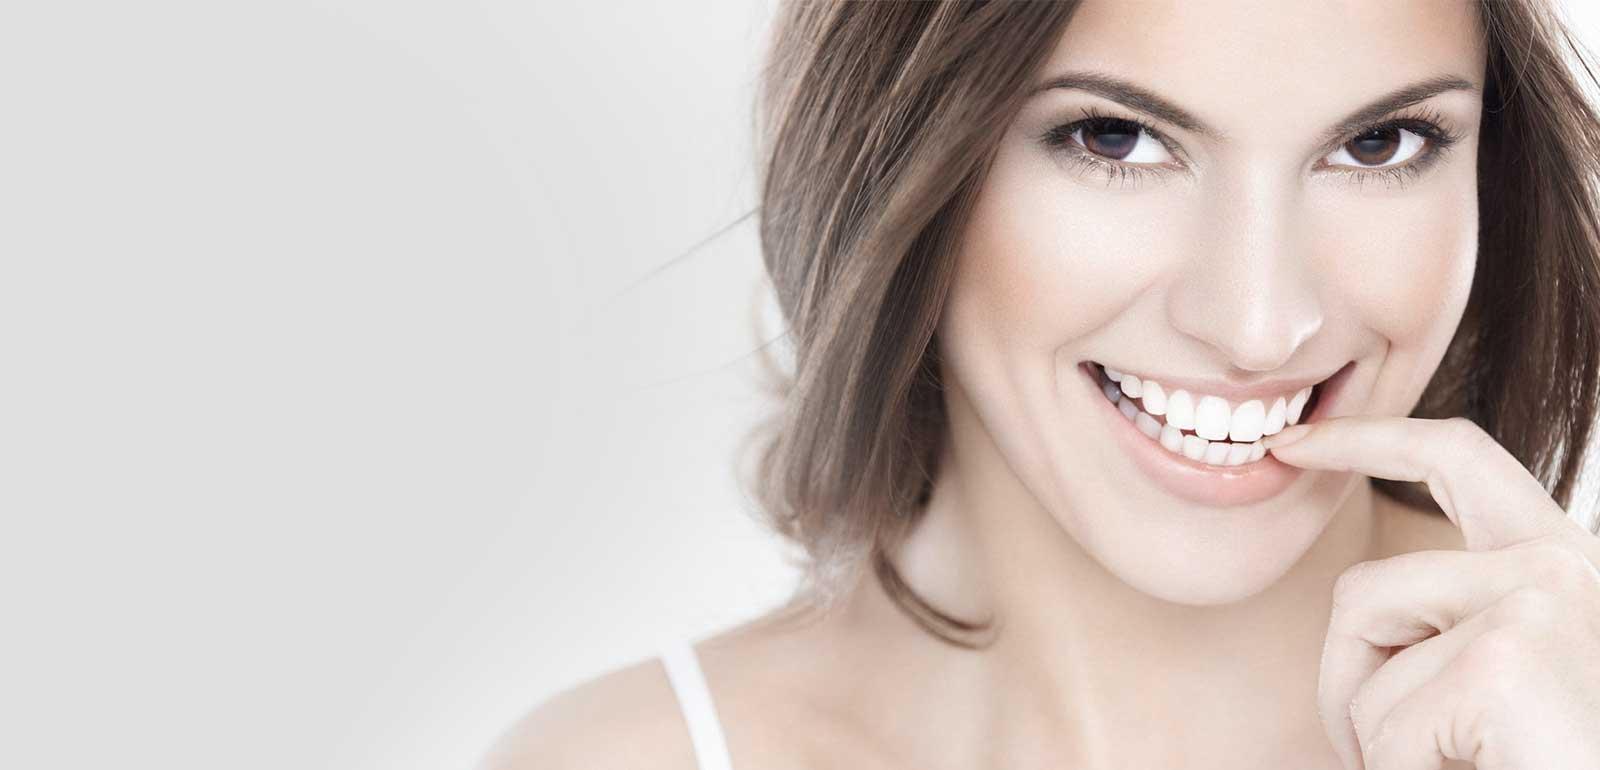 Здоровье и красота вашей улыбки